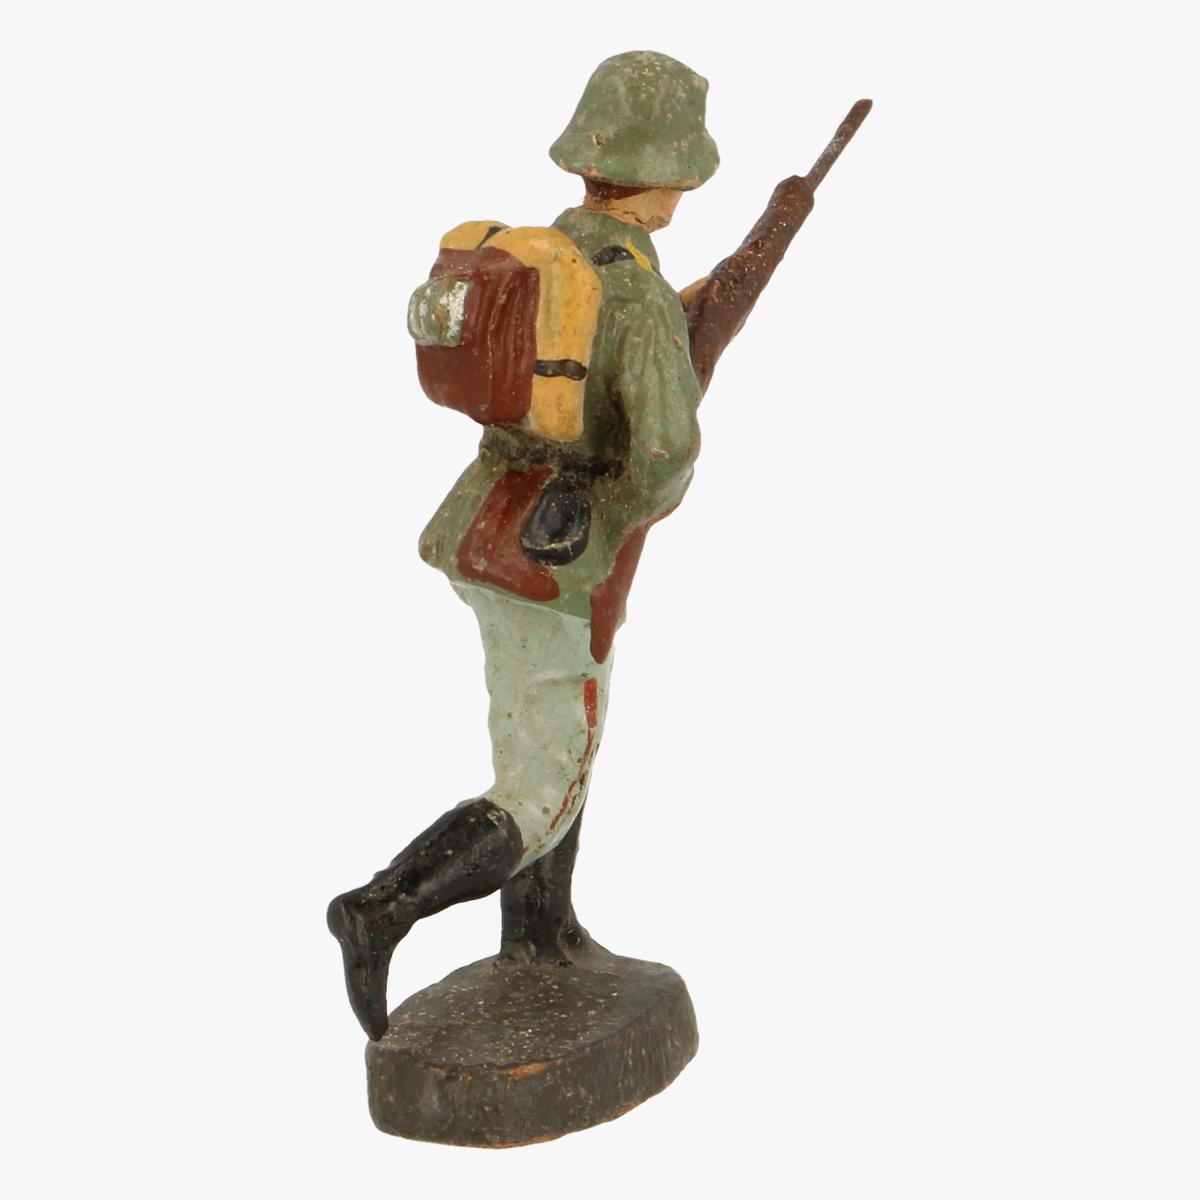 Afbeeldingen van elastolin soldaatjes  Germany